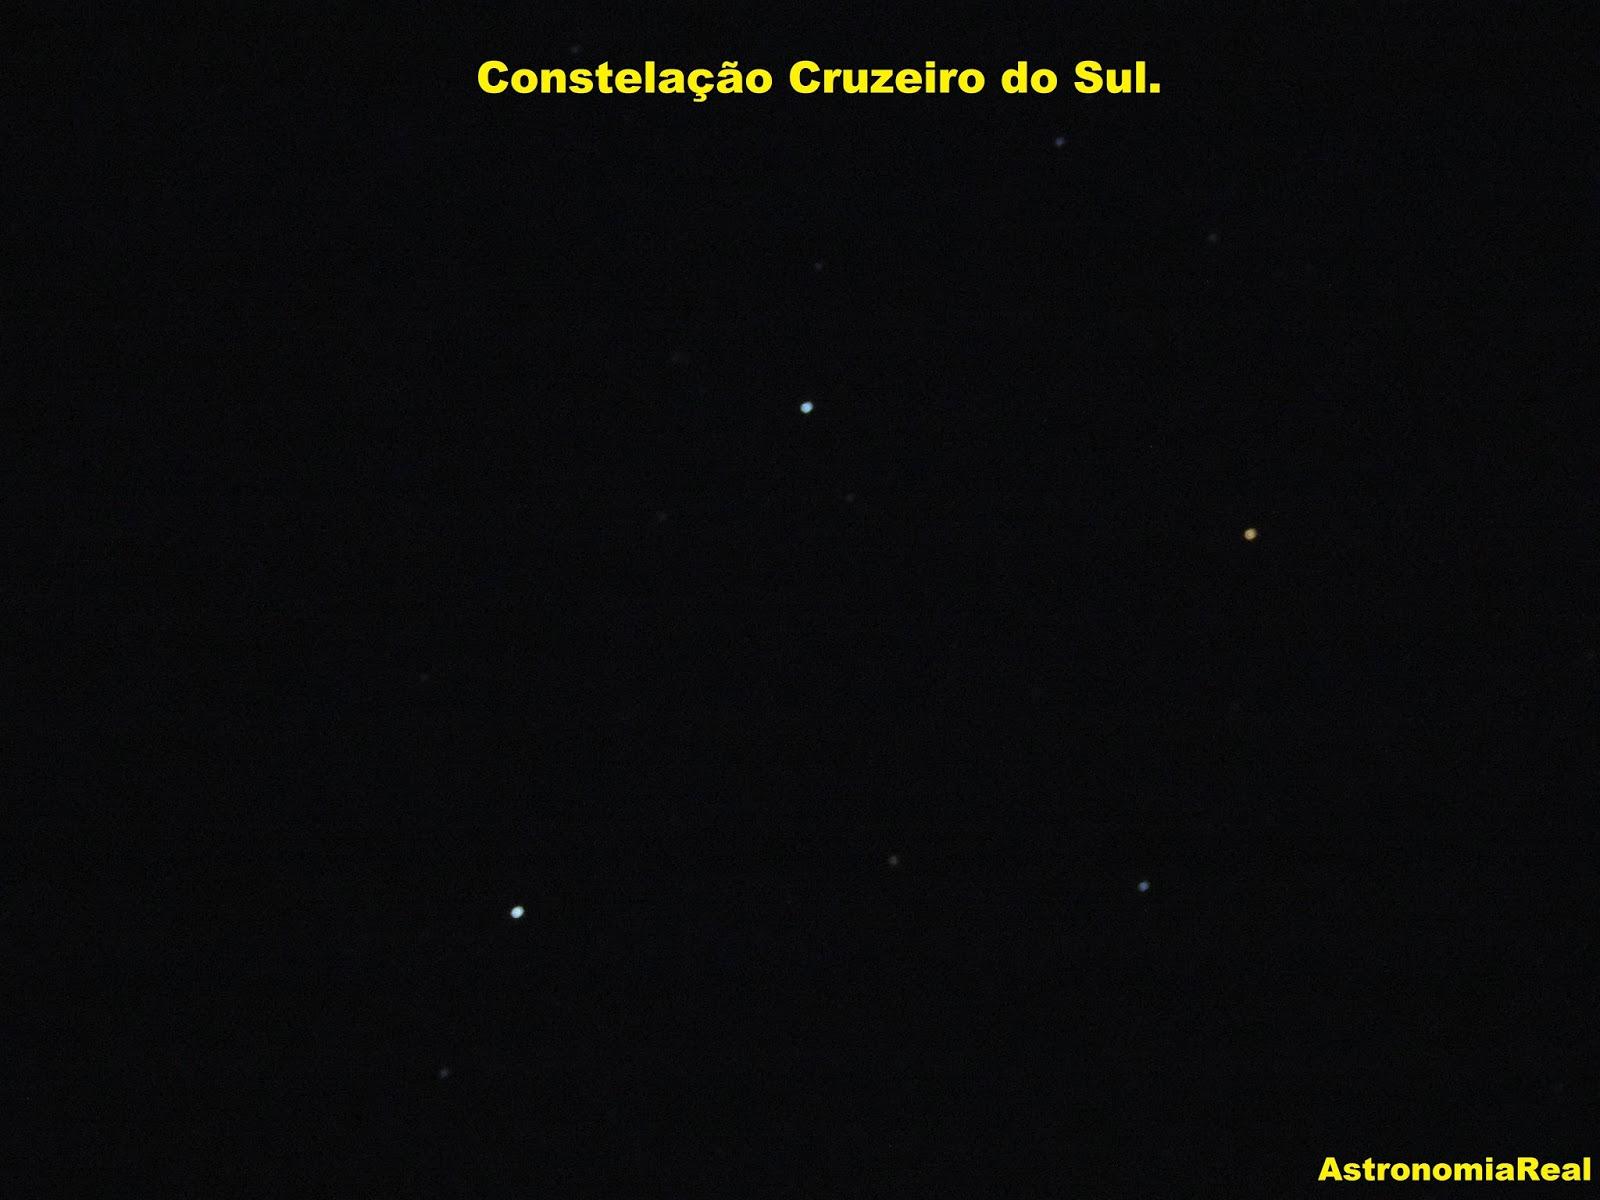 7be3700f384 ASTRONOMIA REAL  Constelação Cruzeiro do Sul.